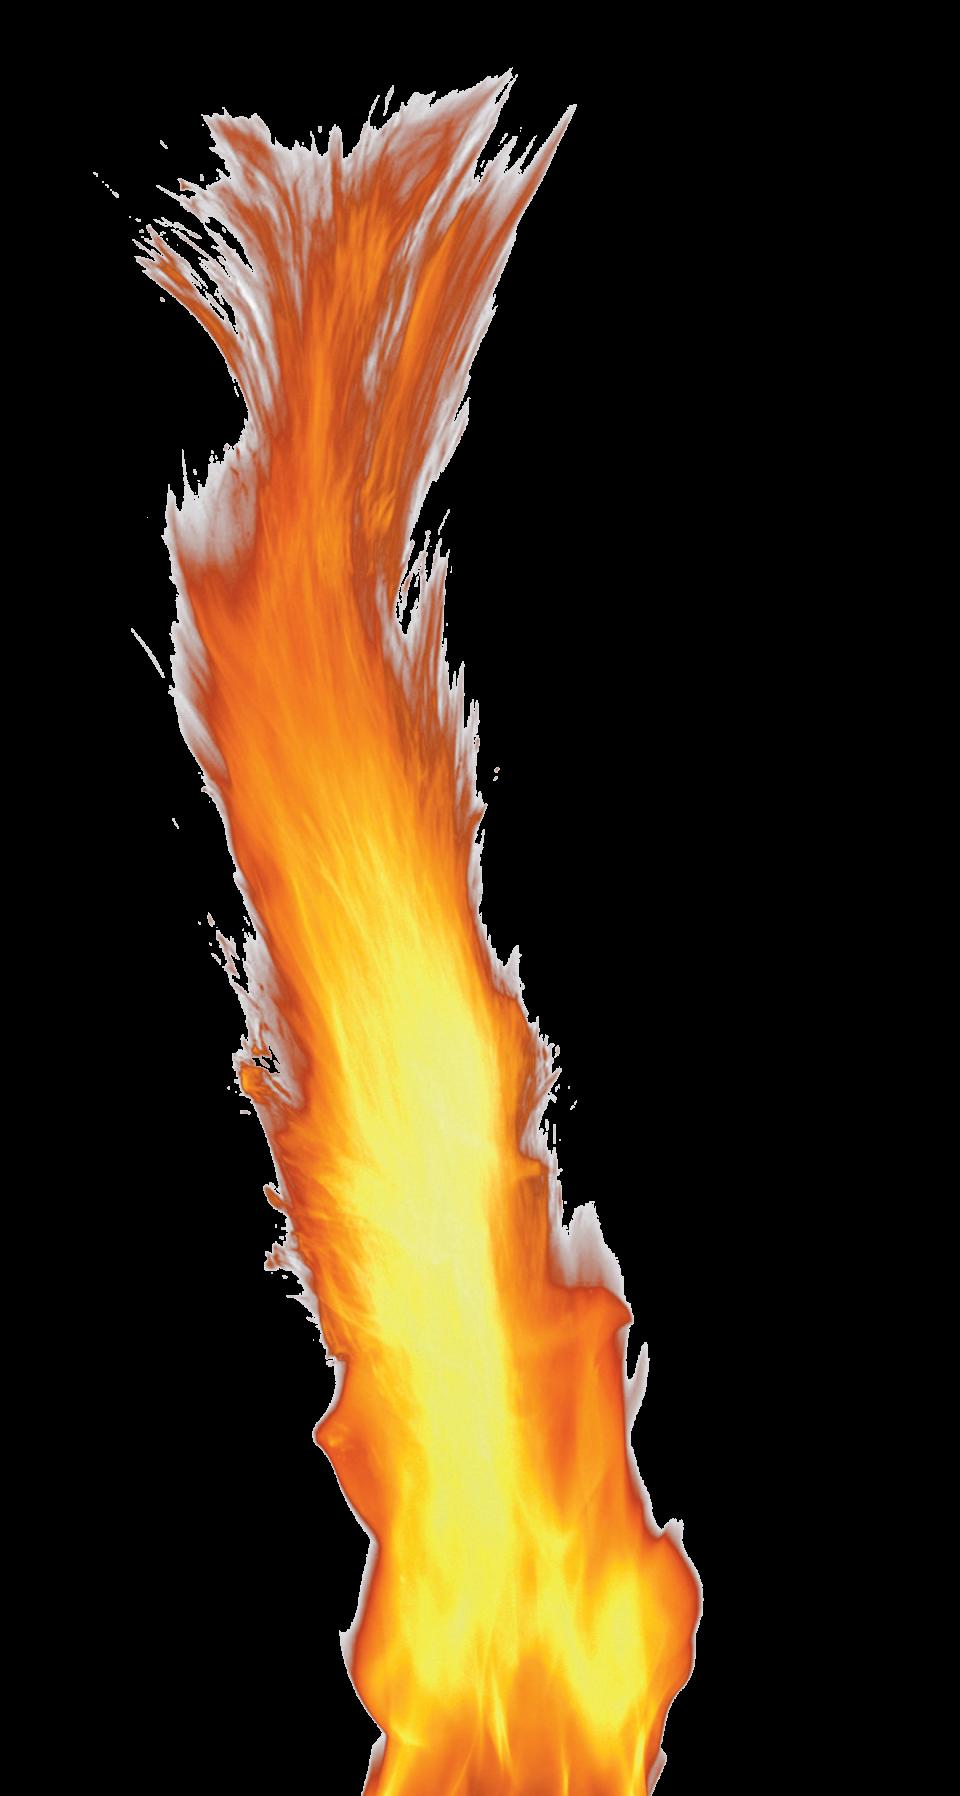 Big Single Flame PNG Image